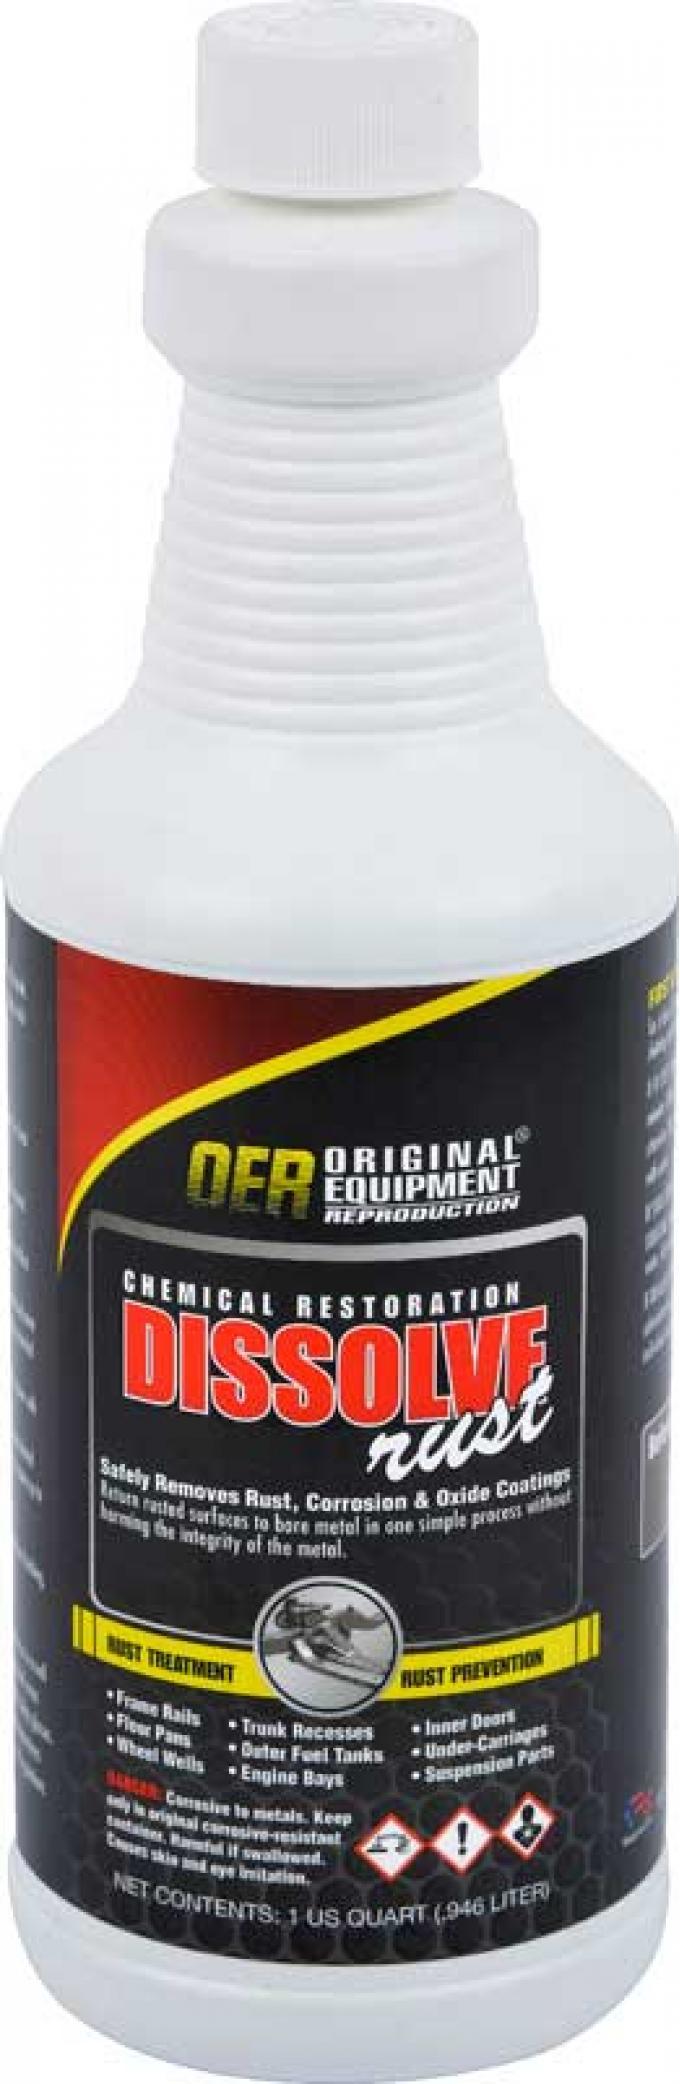 OER Rust Dissolver 1 Quart Bottle K86110